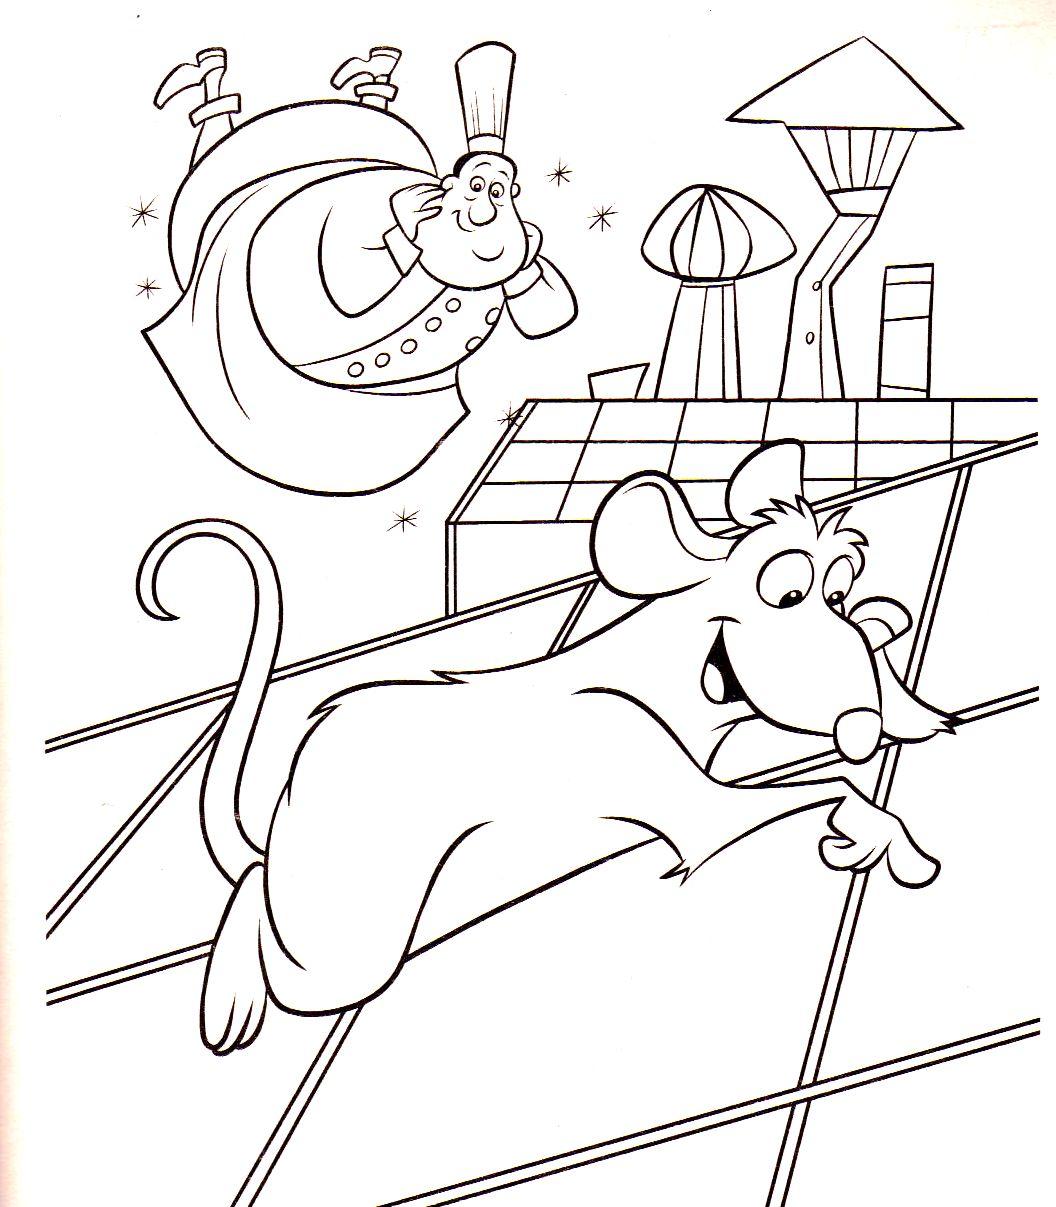 Coloriage a imprimer ratatouille espionne sur le toit gratuit et colorier - Dessin anime ratatouille gratuit ...